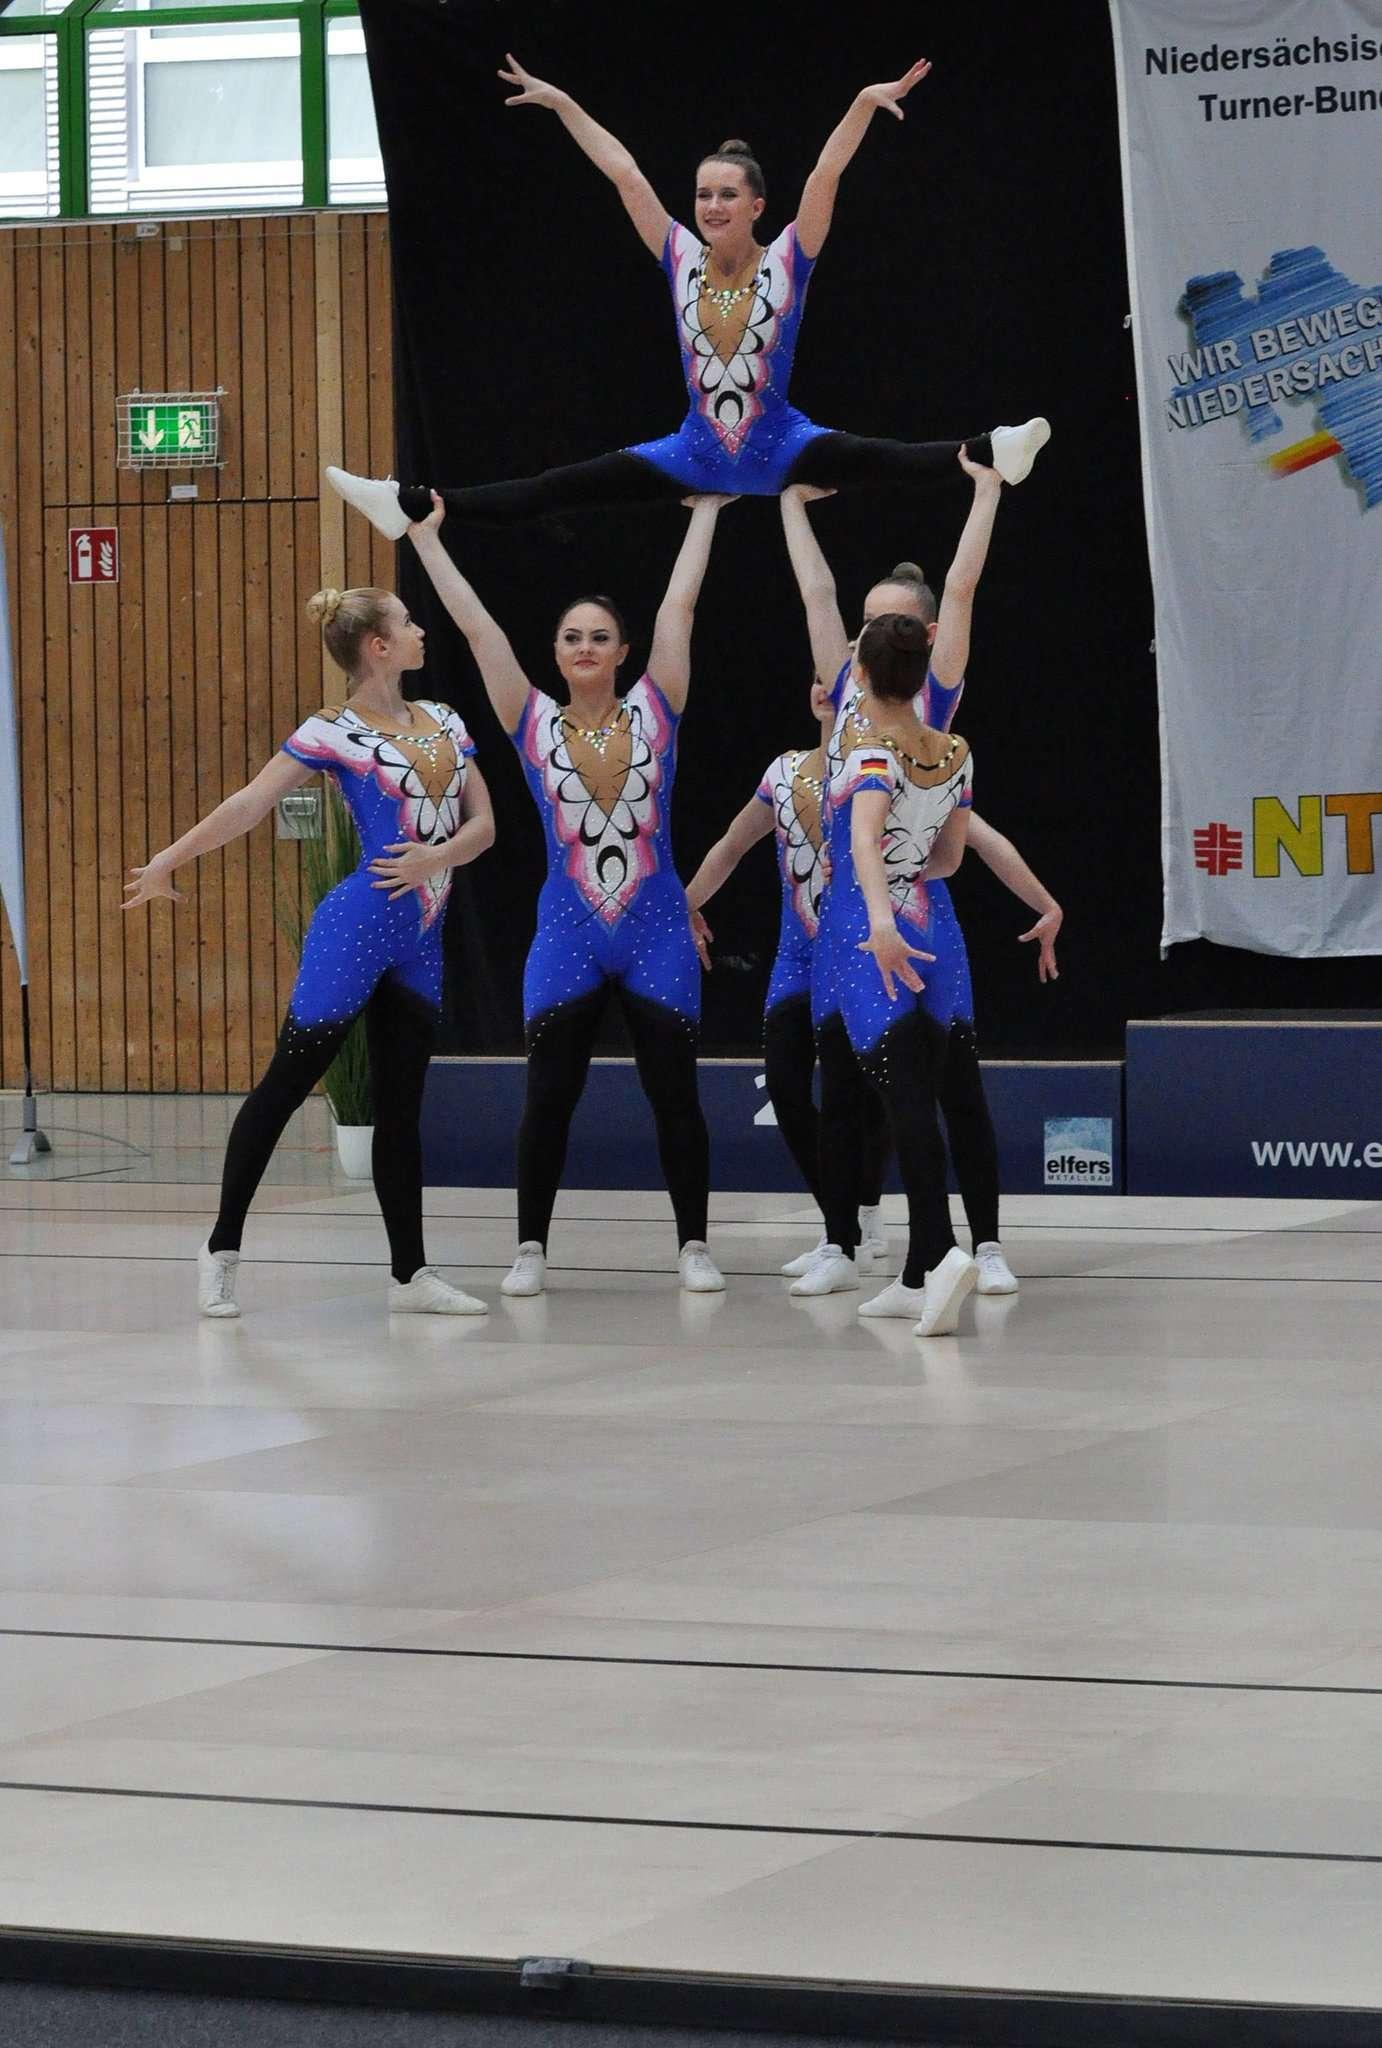 Aus 64 Platten besteht der spezielle Hallenboden der Aerobicturnerinnen, den der TuS Rotenburg vor einigen Jahren angeschafft hat und der mittlerweile in Buchholz fest verlegt ist.